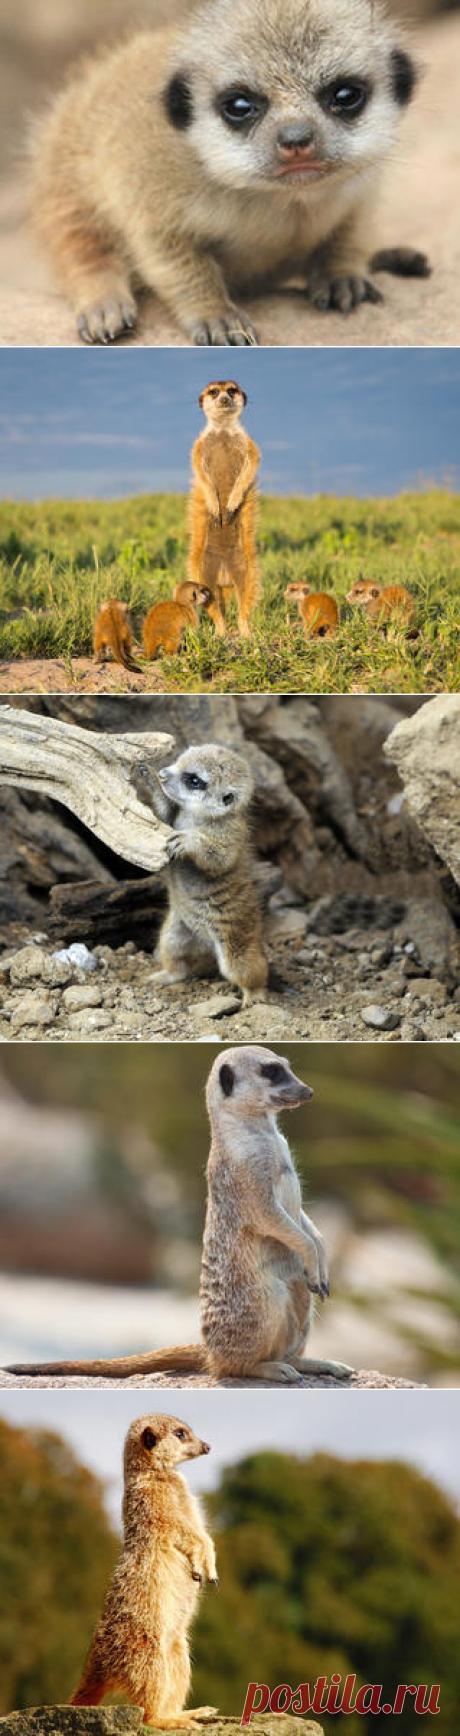 Смотреть изображения сурикатов | Зооляндия